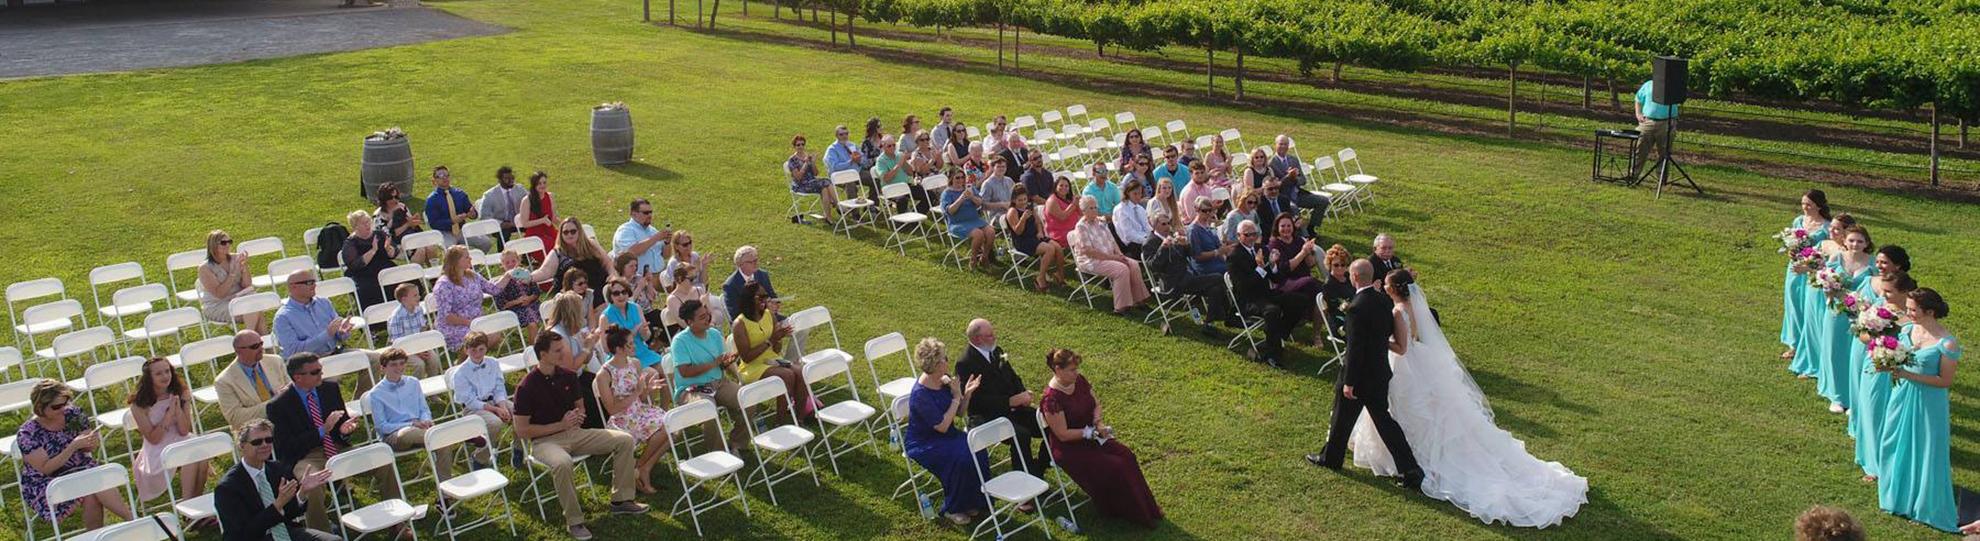 weddingnew